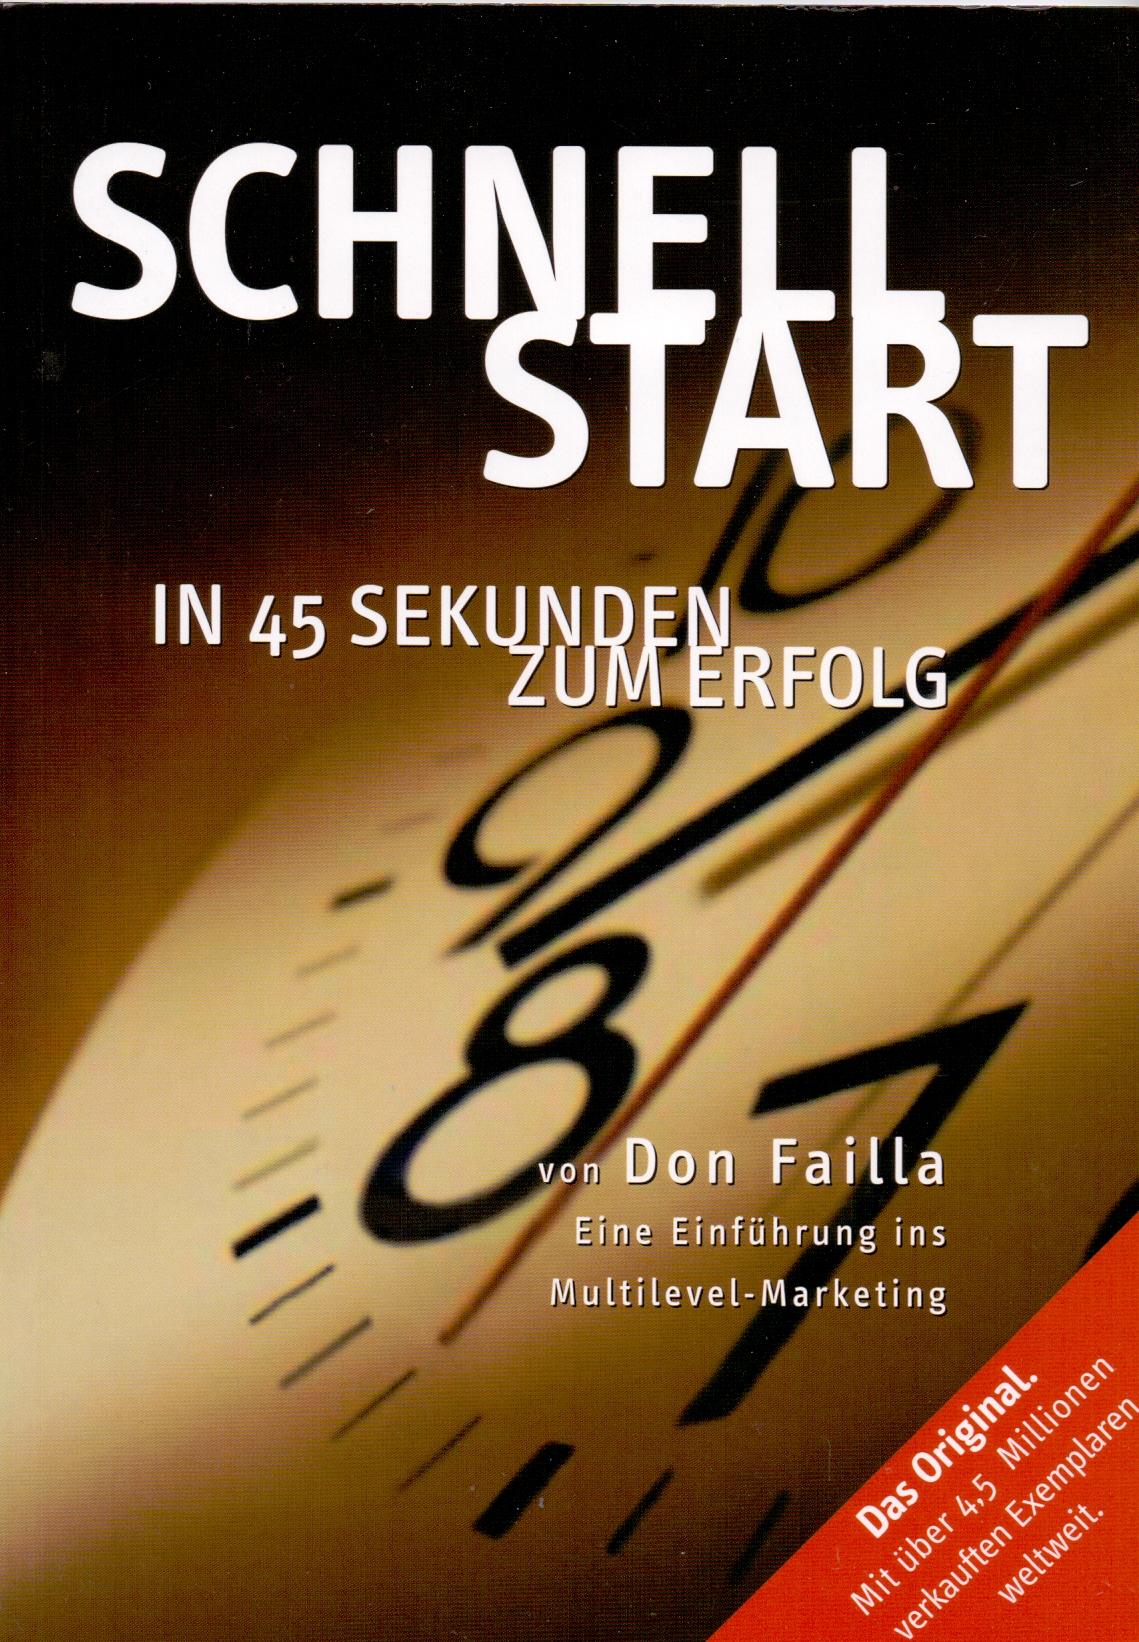 Schnellstart: in 45 Sekunden zum erfolg - Don Failla [Broschiert, 3. Auflage 2006]